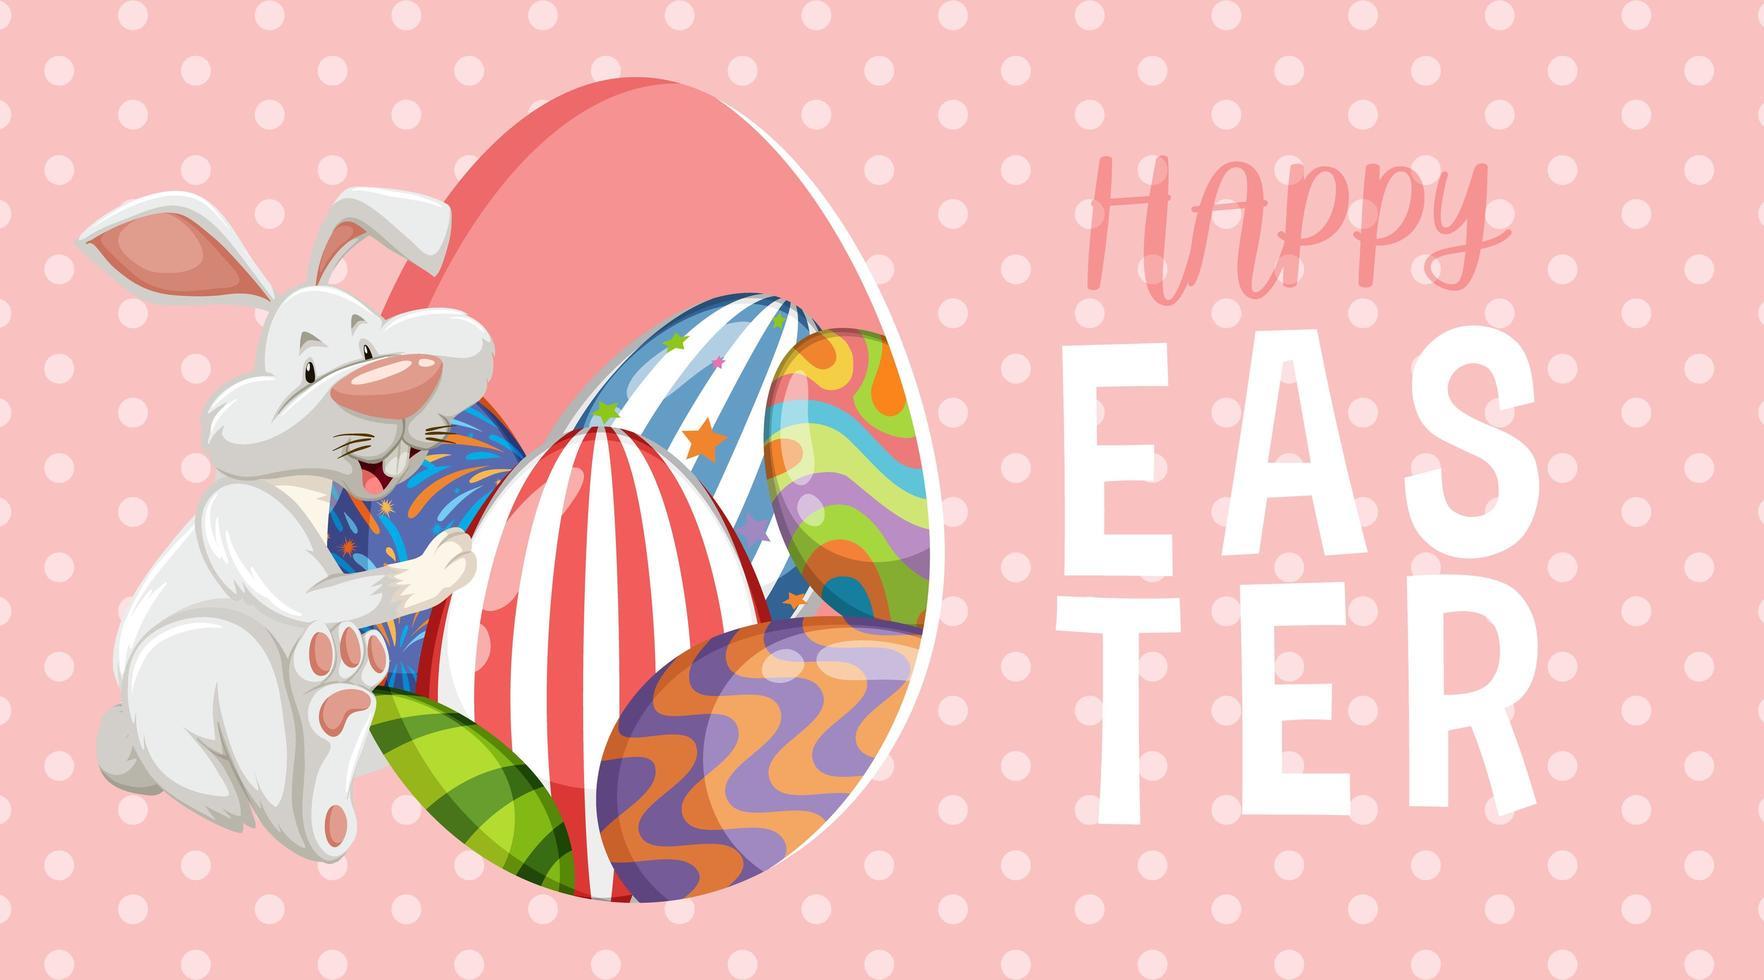 rosa, bianco a pois sfondo di Pasqua con coniglio e uova vettore